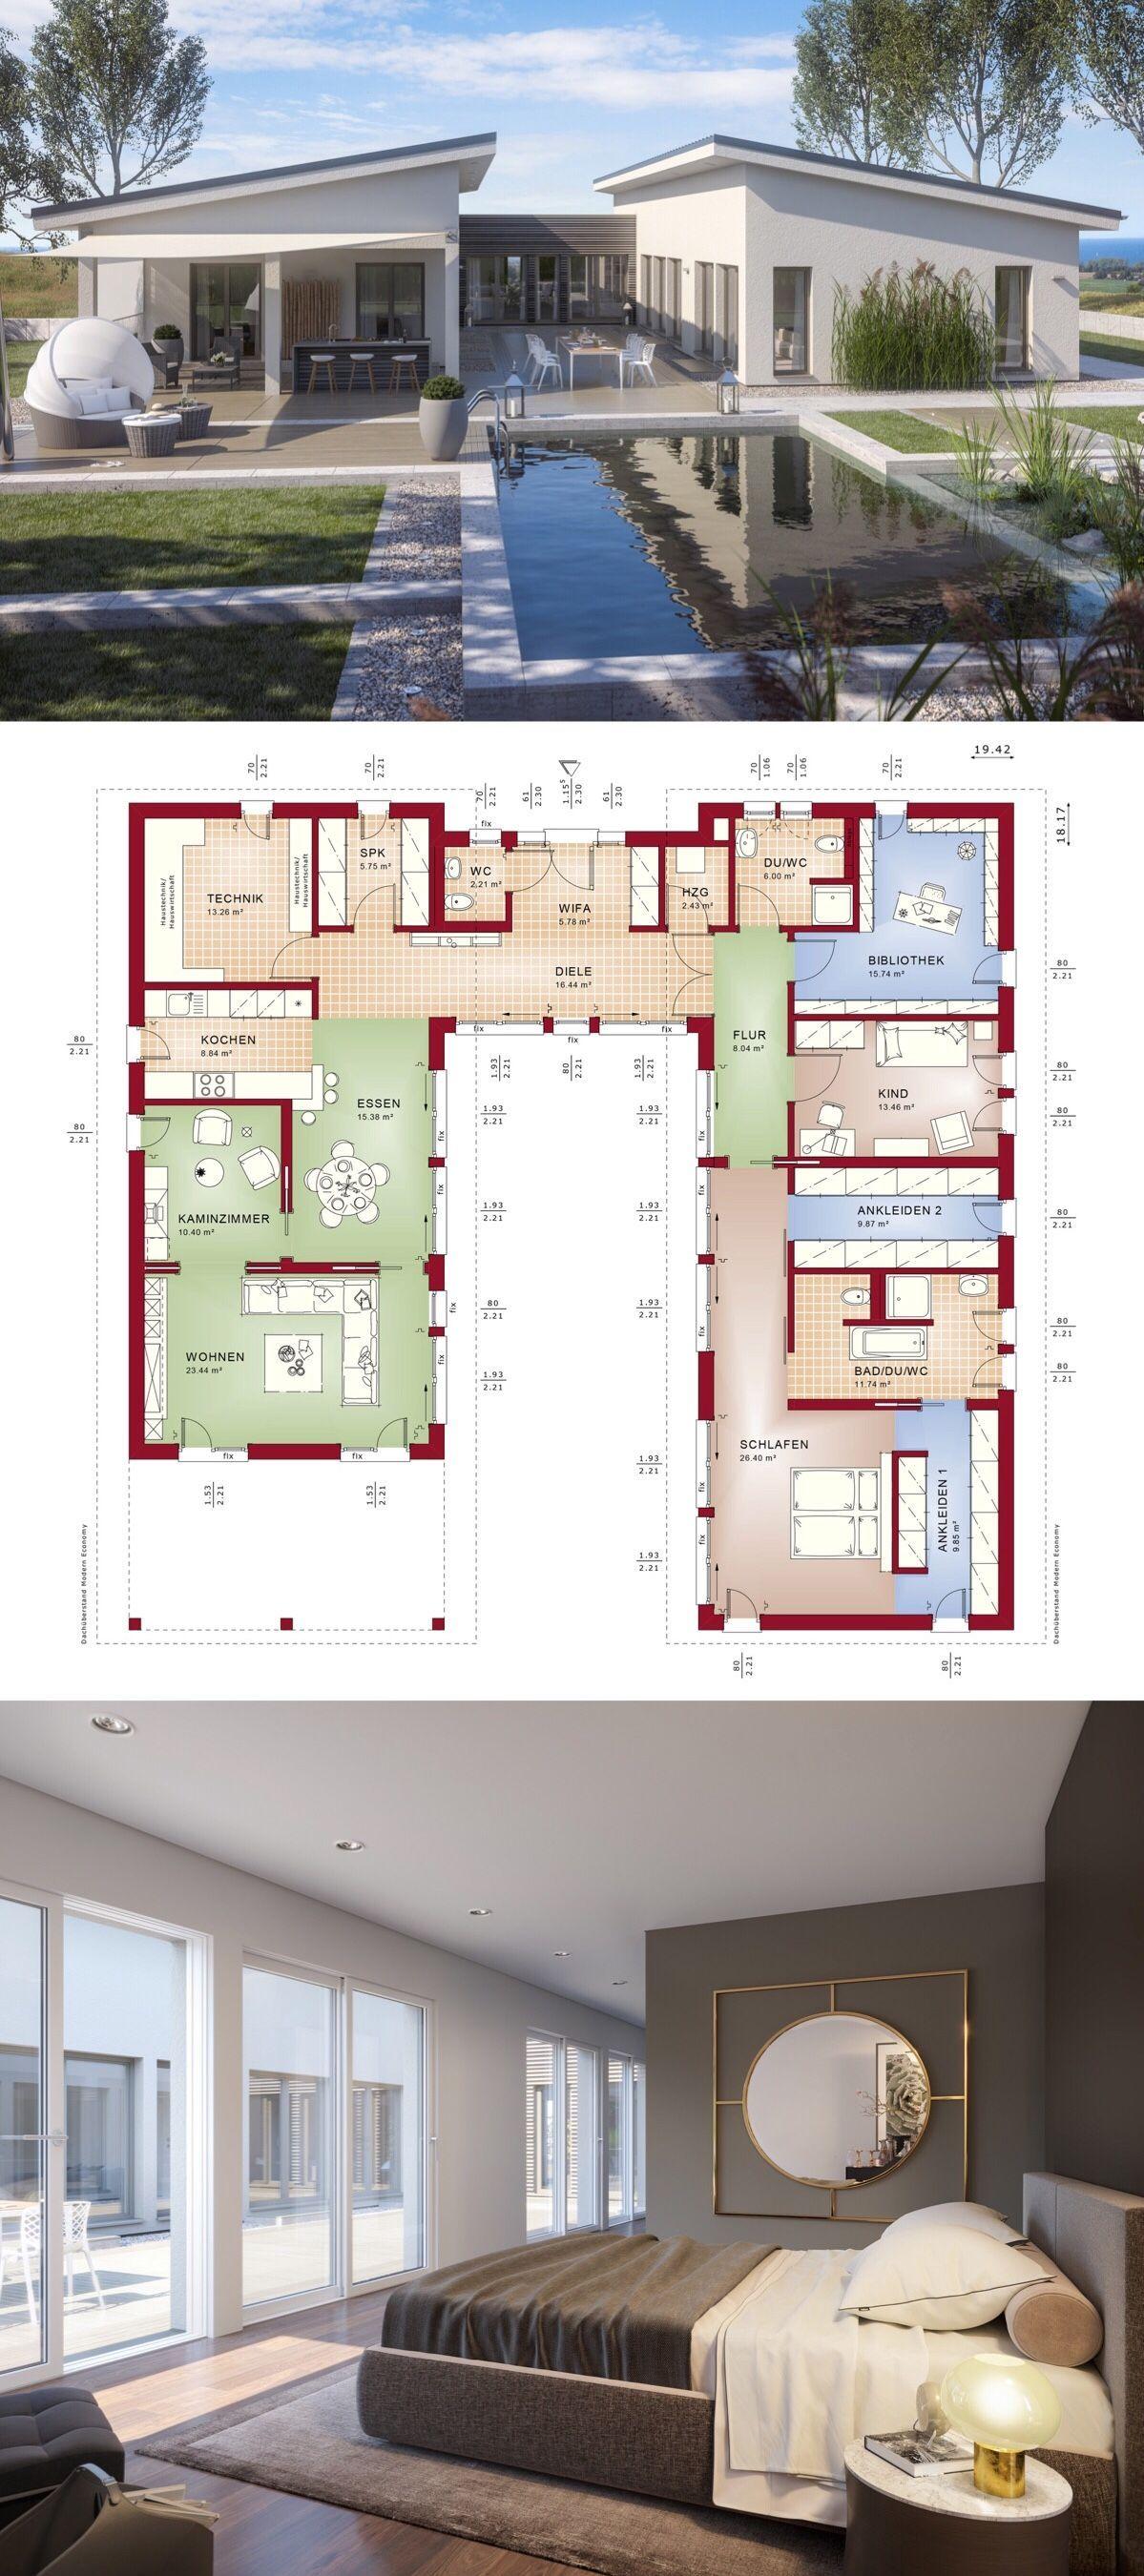 Bungalow Haus mit Pultdach & Innenhof, 6 Zimmer Grundriss